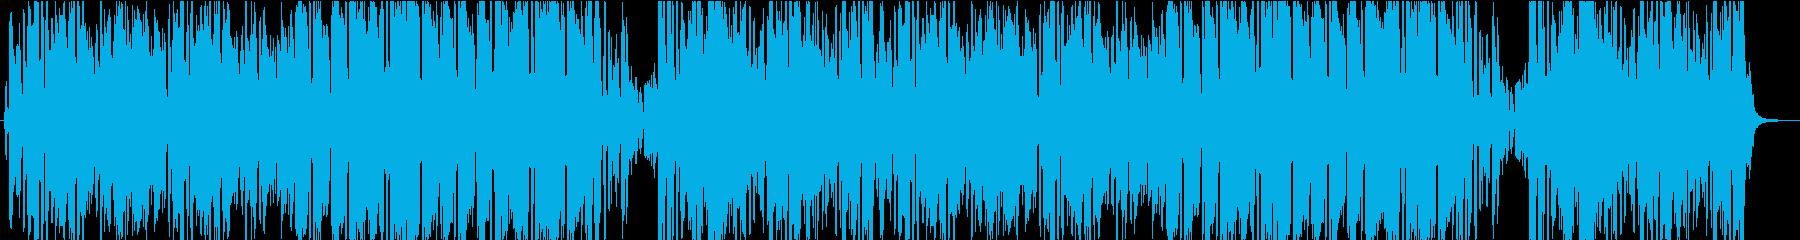 中世ヨーロッパの陽気な曲の再生済みの波形